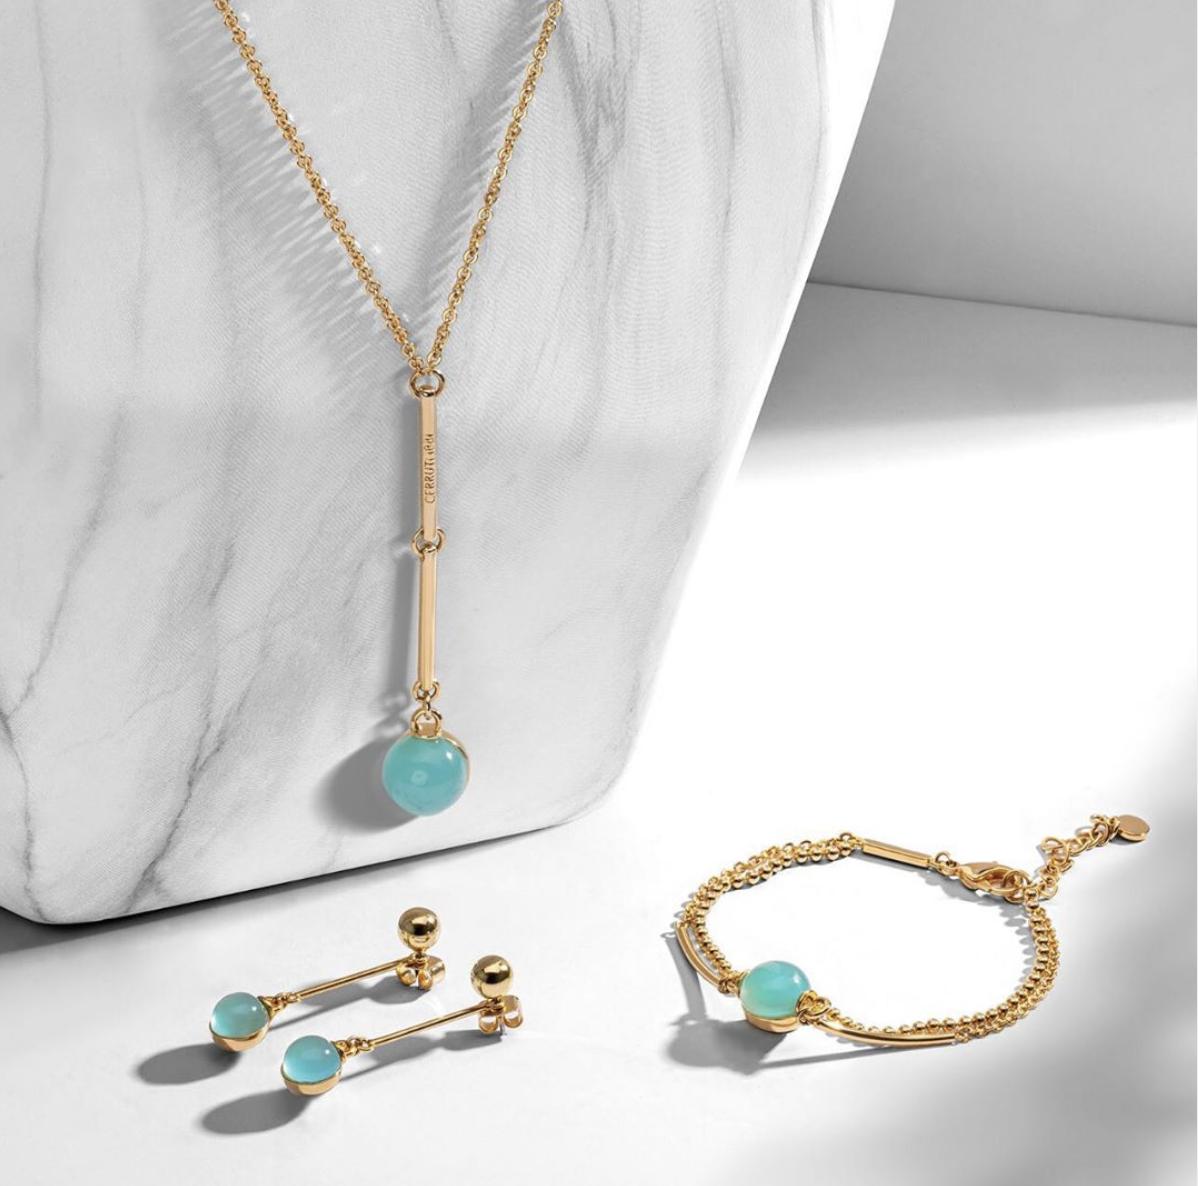 rodolphedesign bijoux cerruti 1881 doré avec pierre bleue